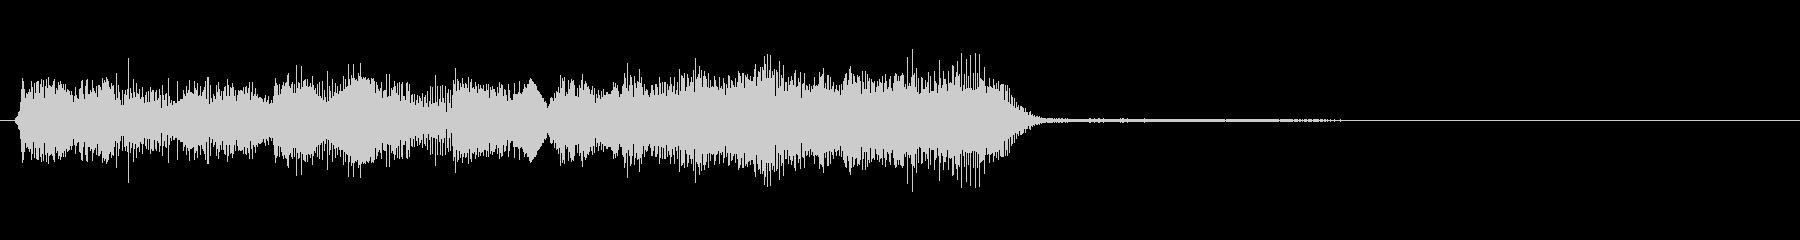 玩具系ファンファーレ-11の未再生の波形